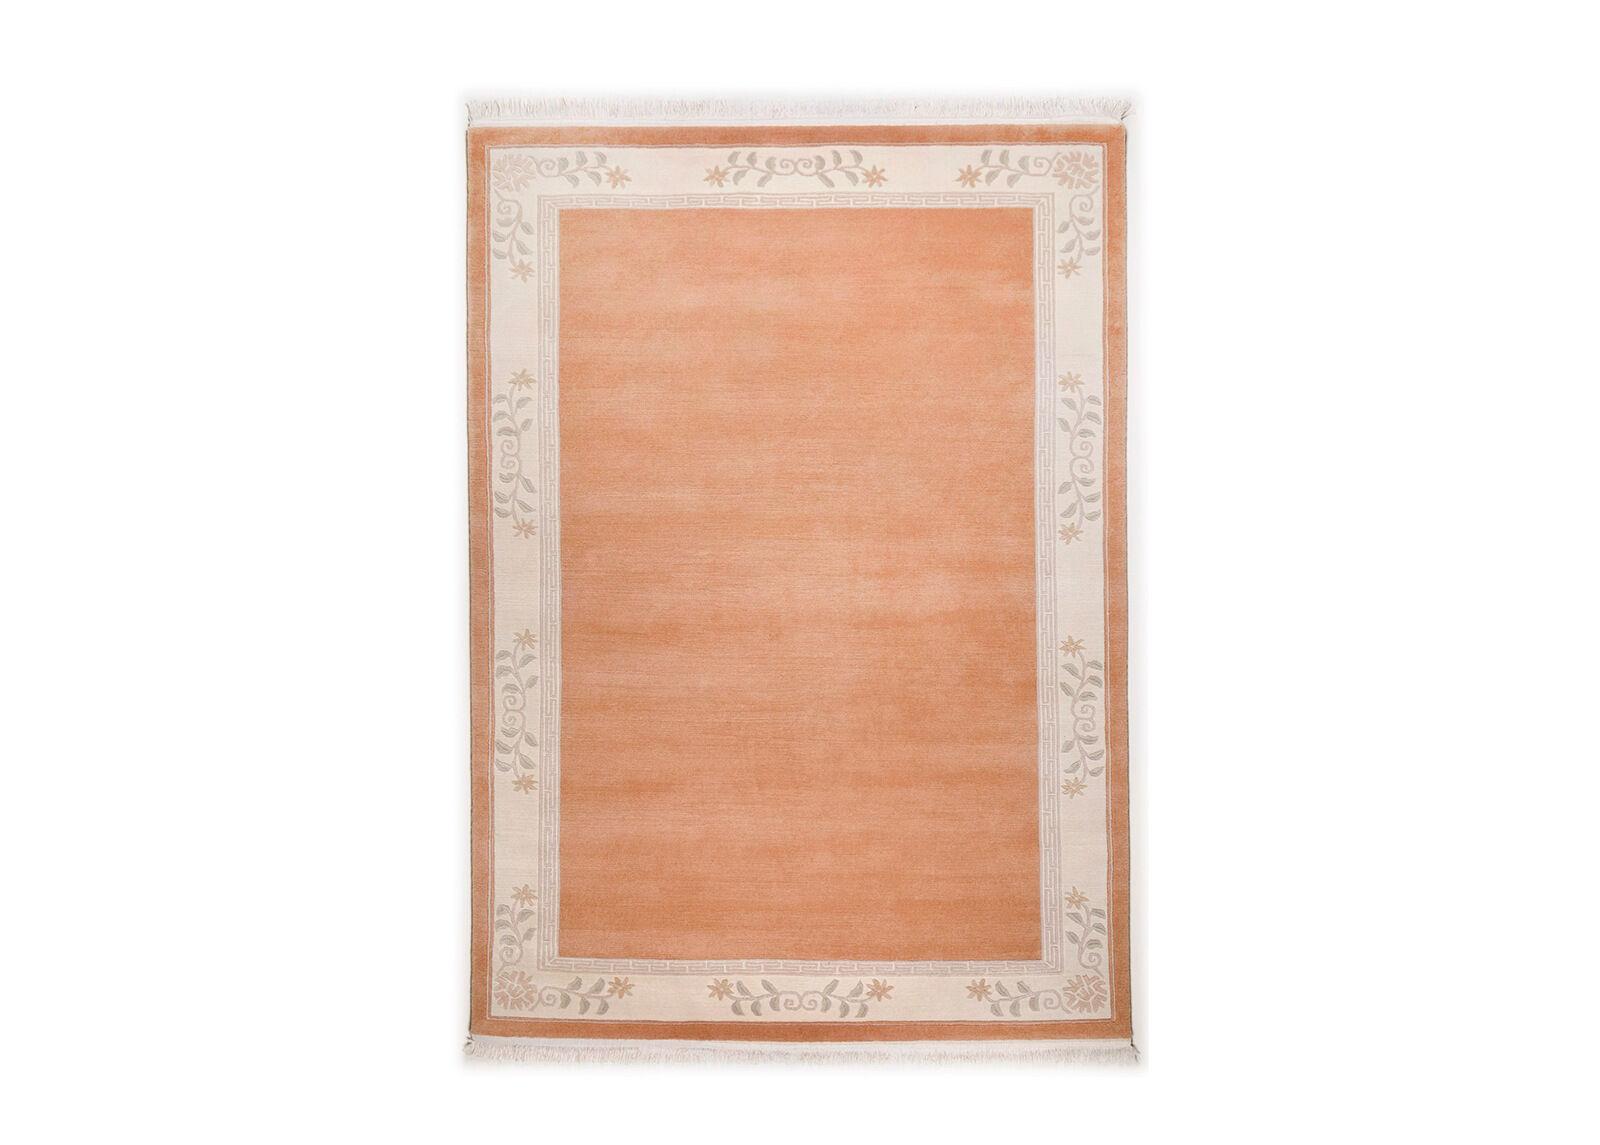 Image of Theko Matto Classica 200x300 cm